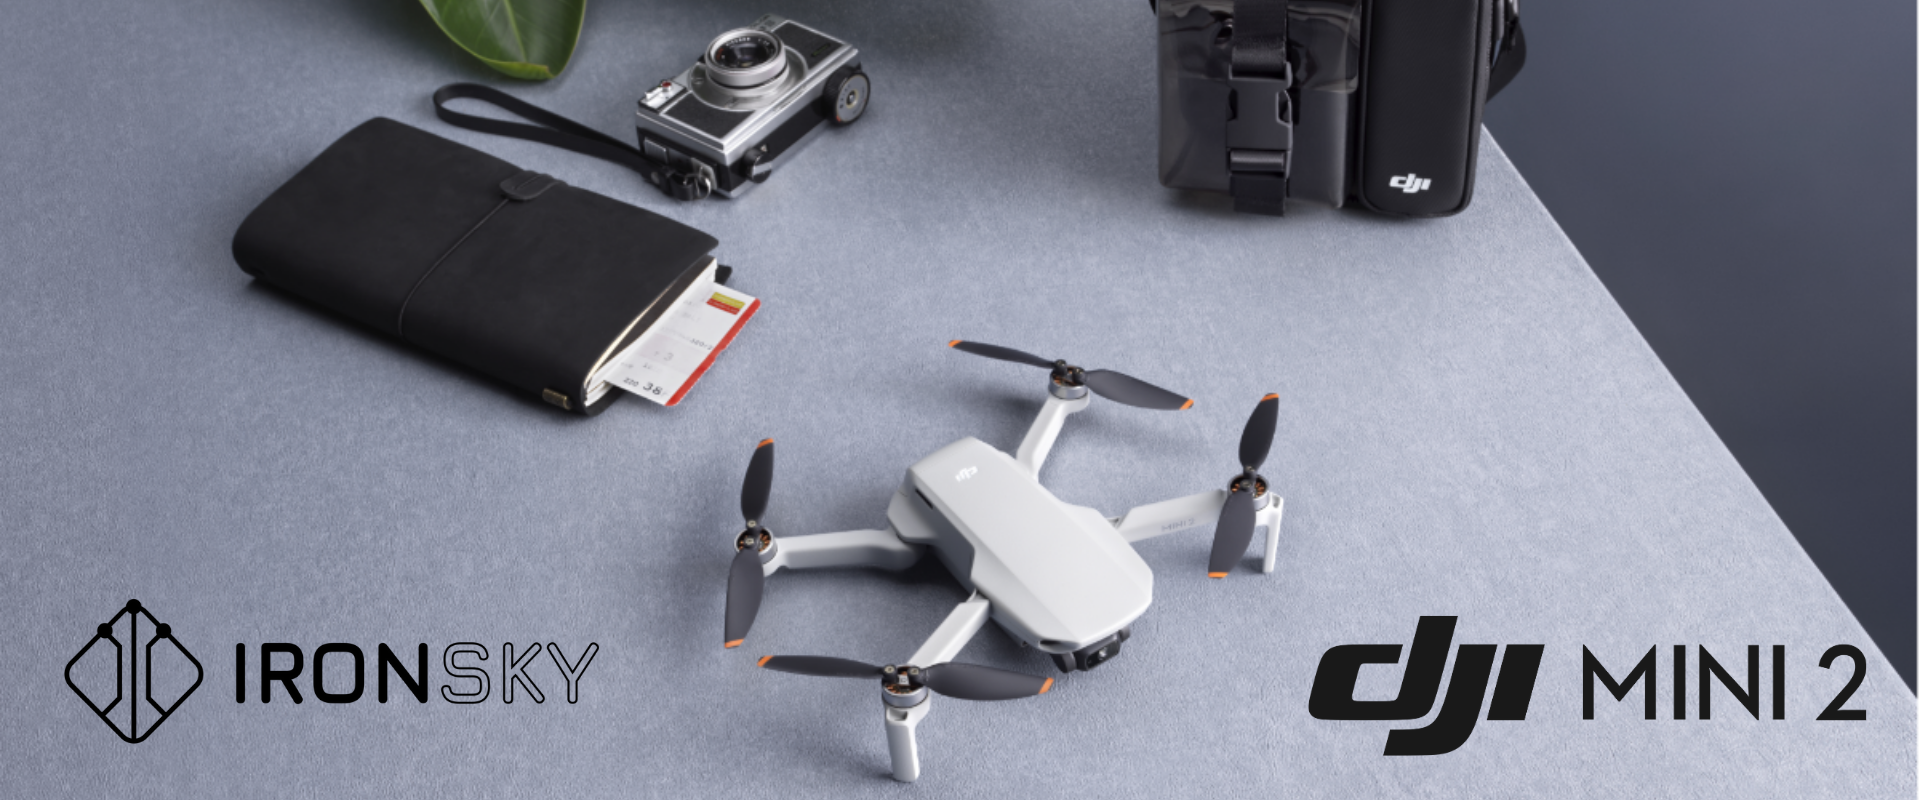 Mały dron na każdą kieszeń, DJI Mini 2 - mały ale wariat